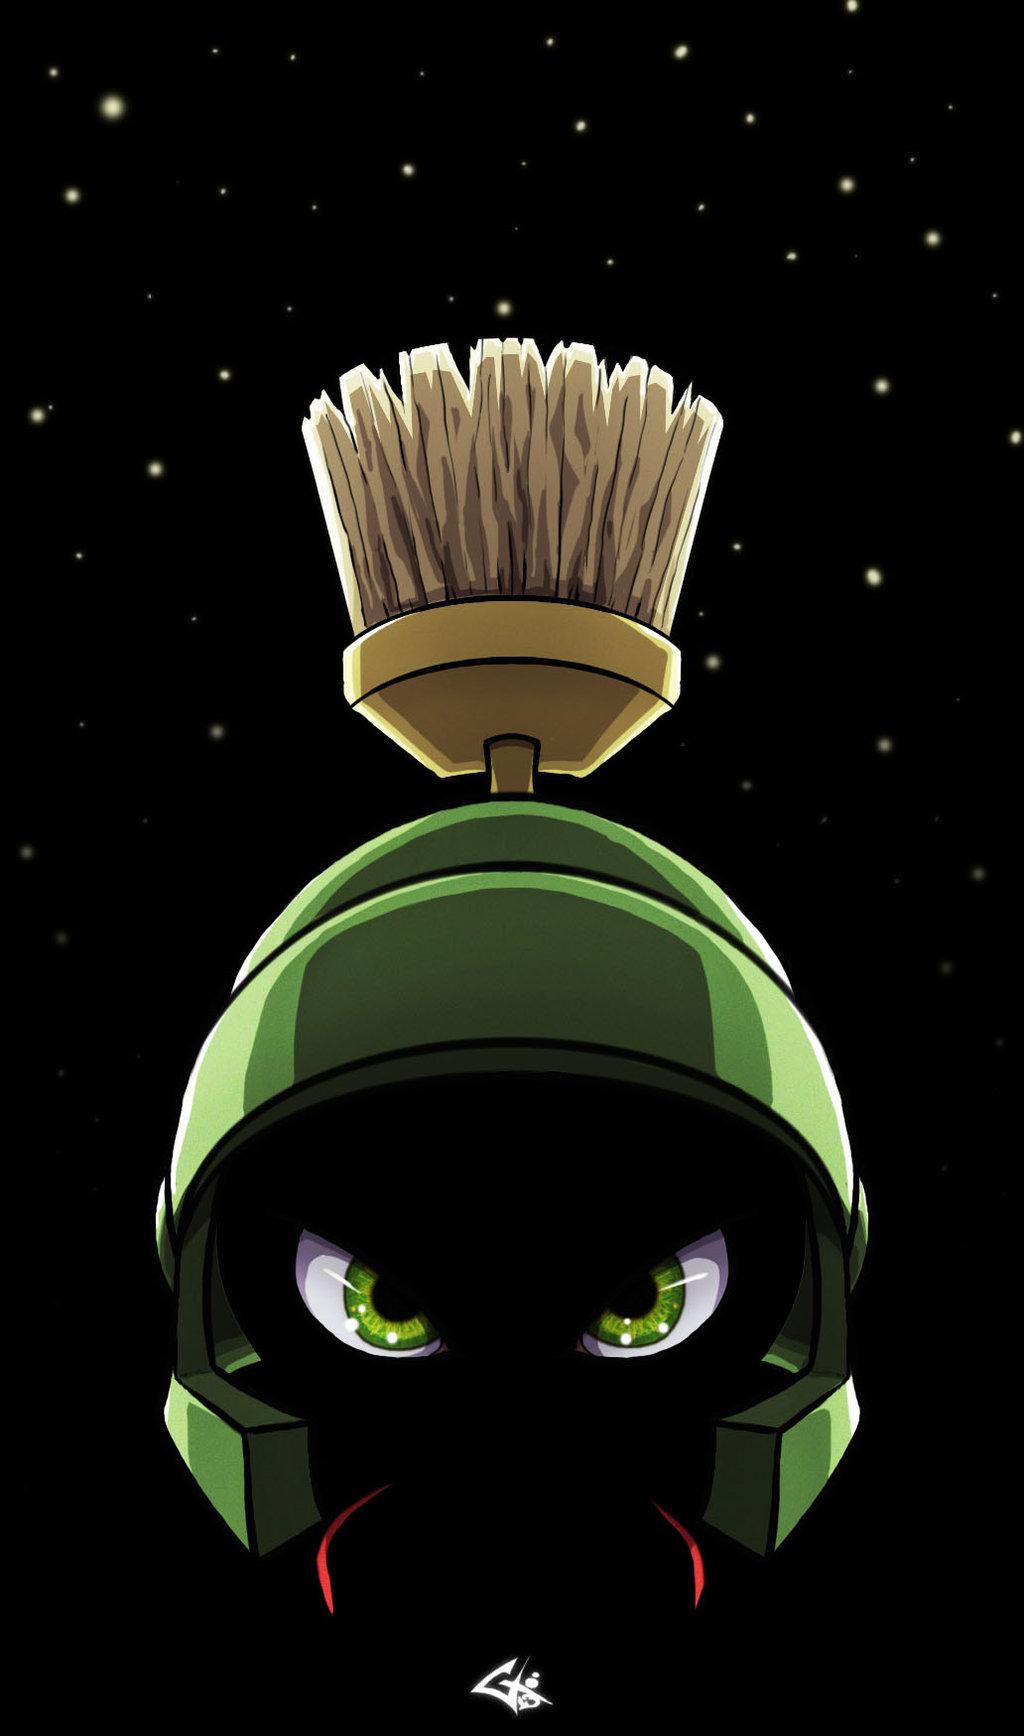 Cartoon Network clipart marvin the martian Emperor deviantART ~G on